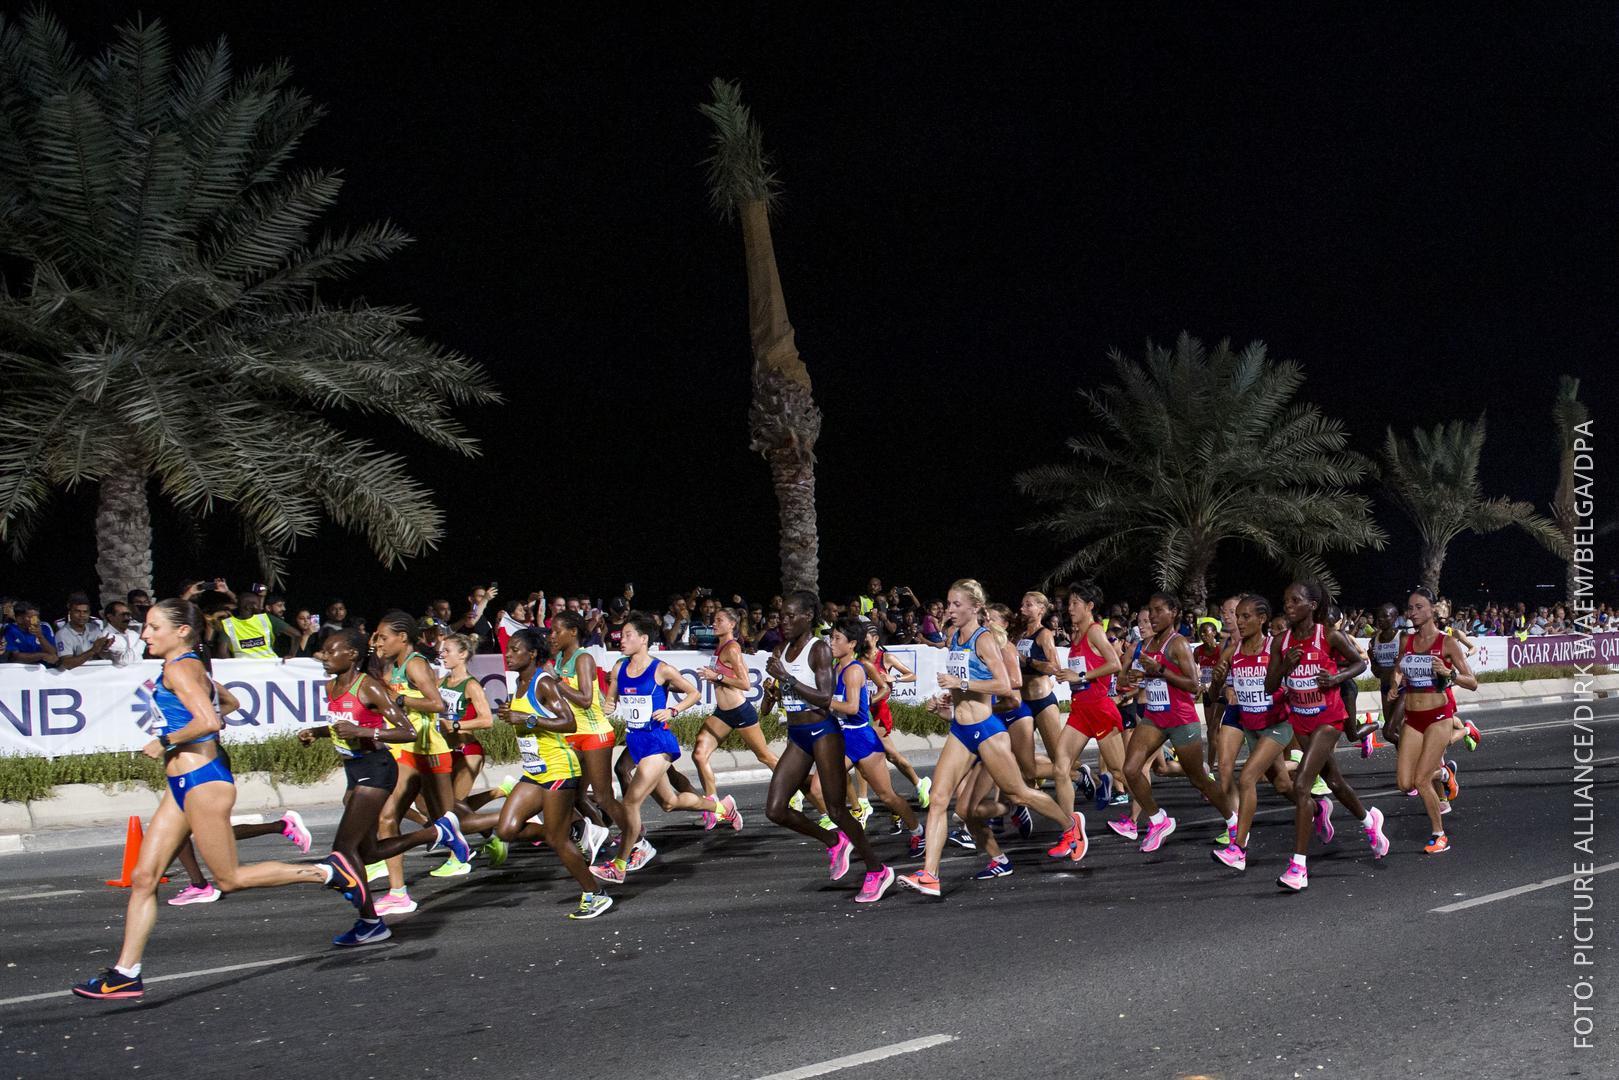 Marathon-Läuferinnen bei dem Rennen in Katar